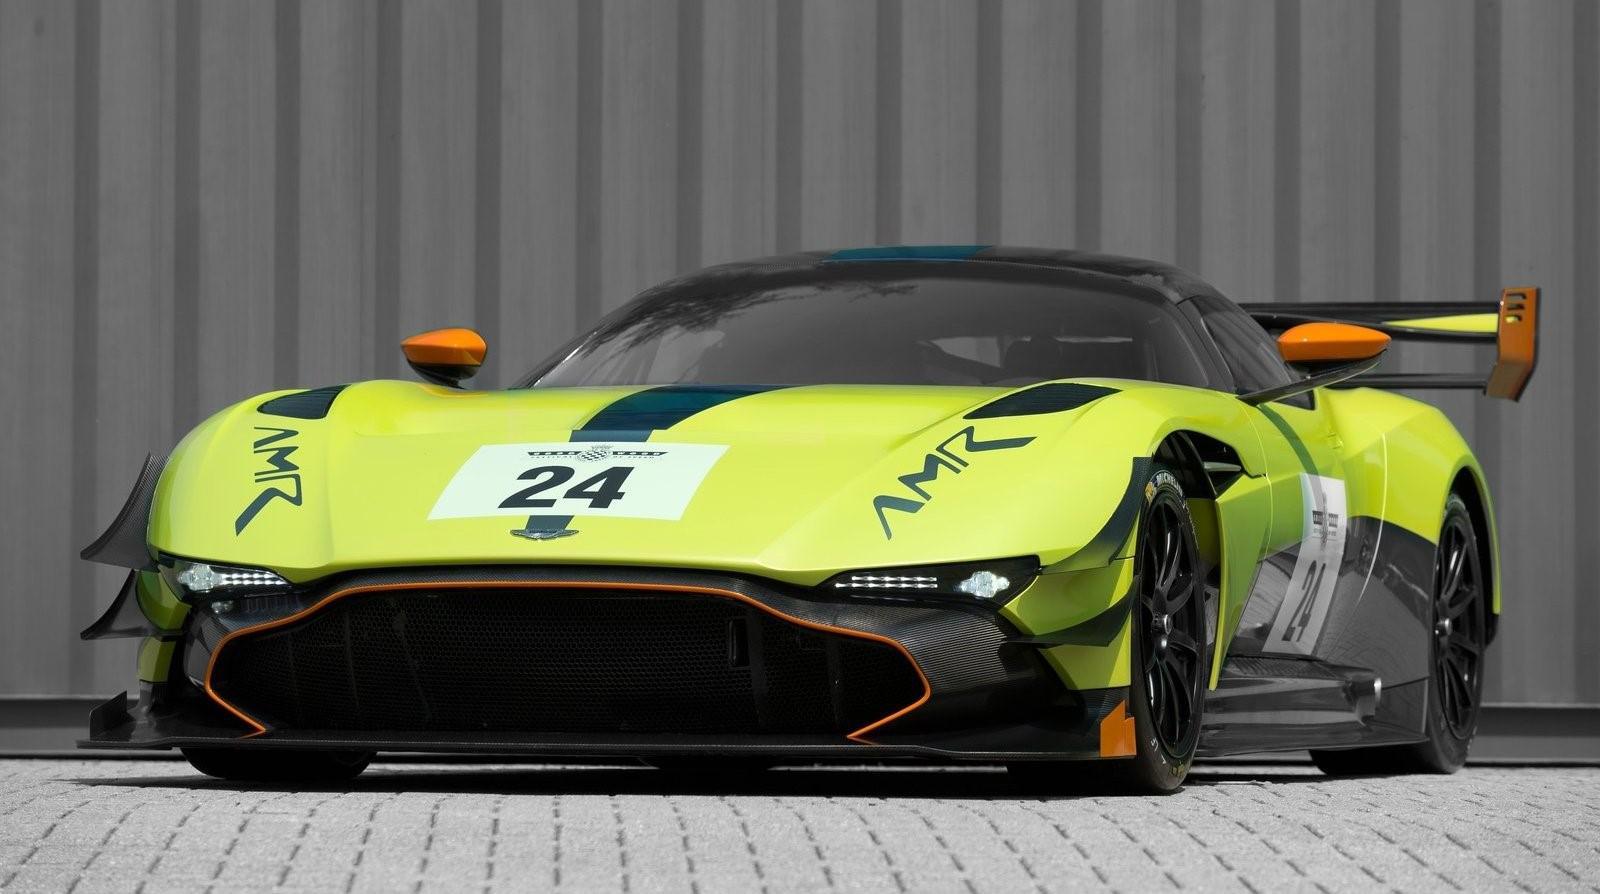 la-voiture-de-piste-la-plus-extreme-au-monde-aston-martin-vulcan-amr-pro-1308-12.jpg